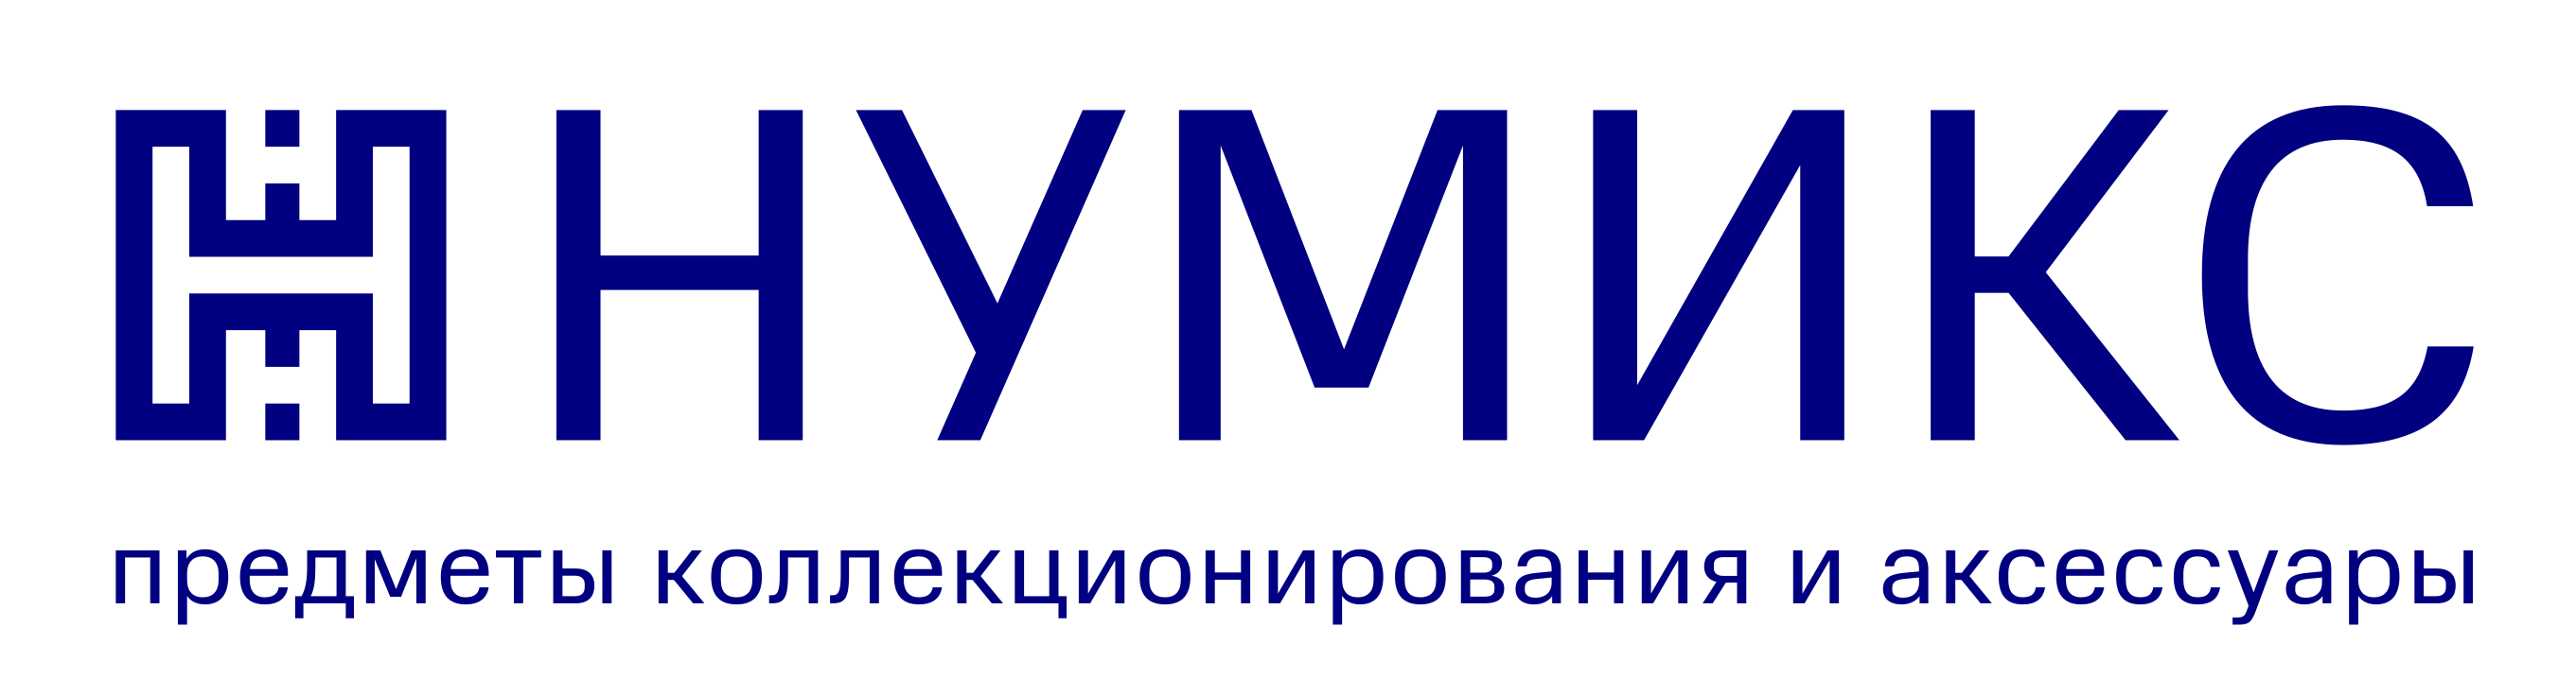 Логотип для интернет-магазина фото f_5765ec65ebe34814.png